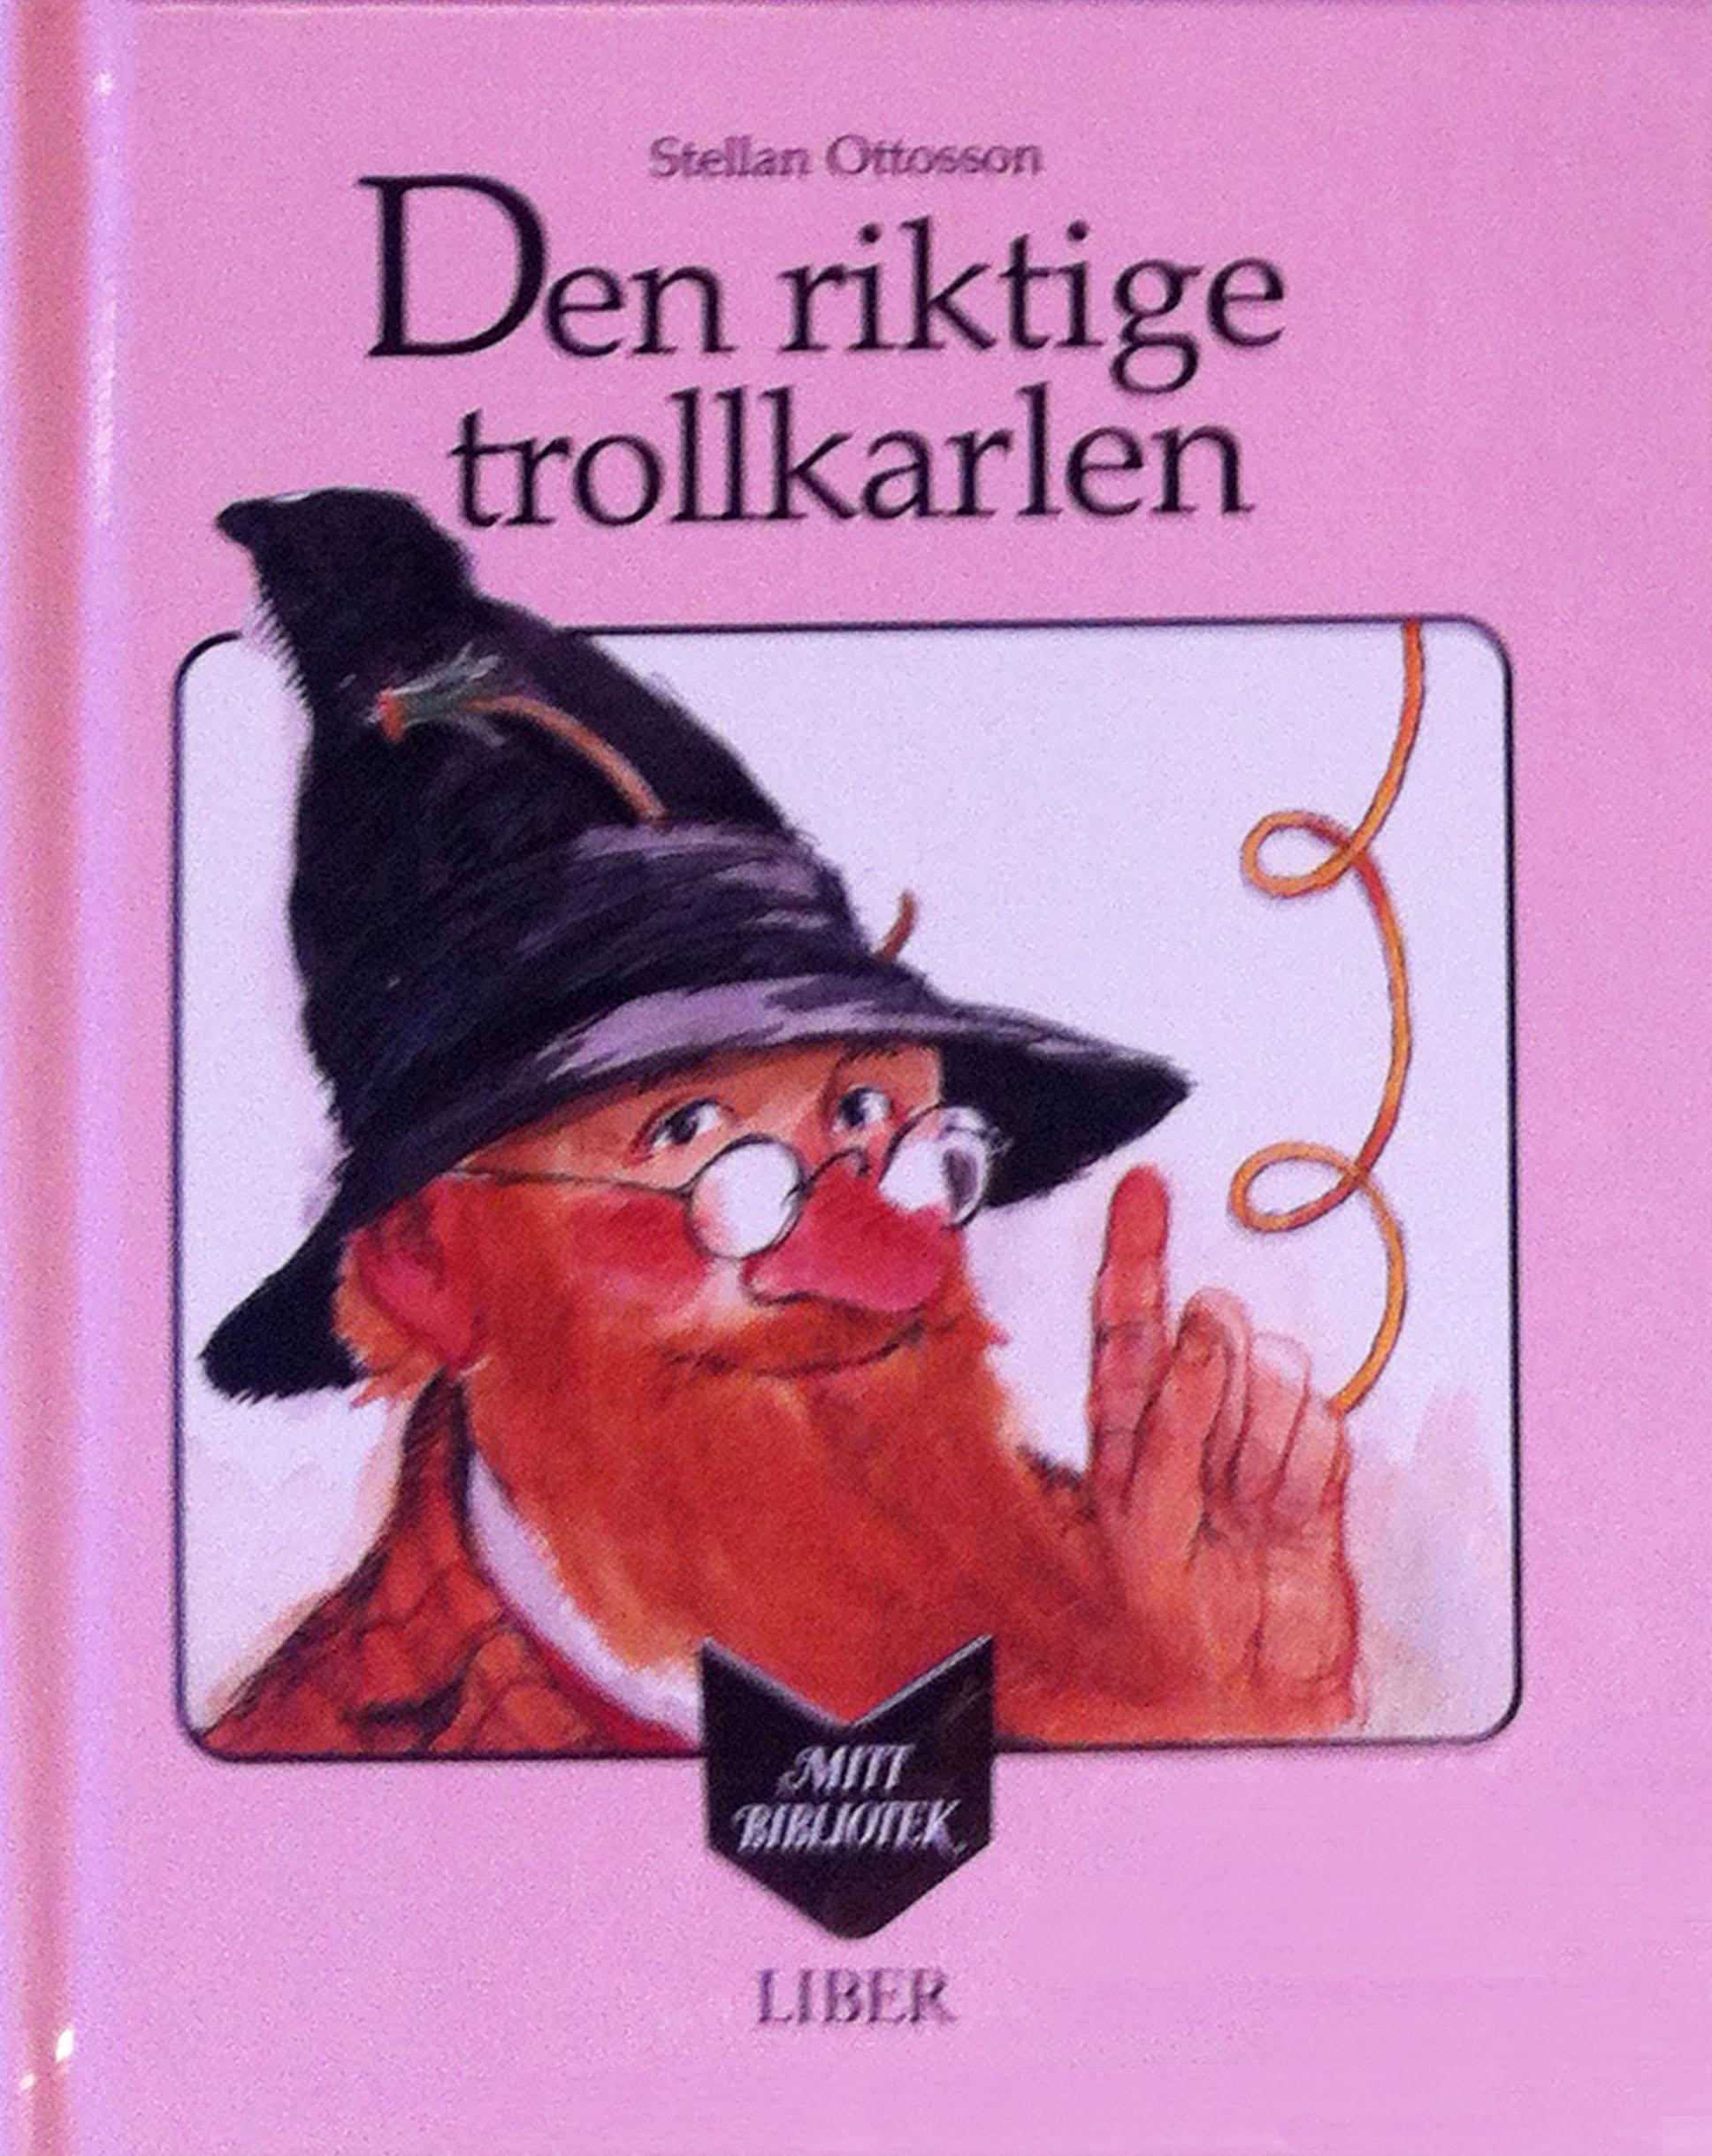 sagoböcker-01.jpg